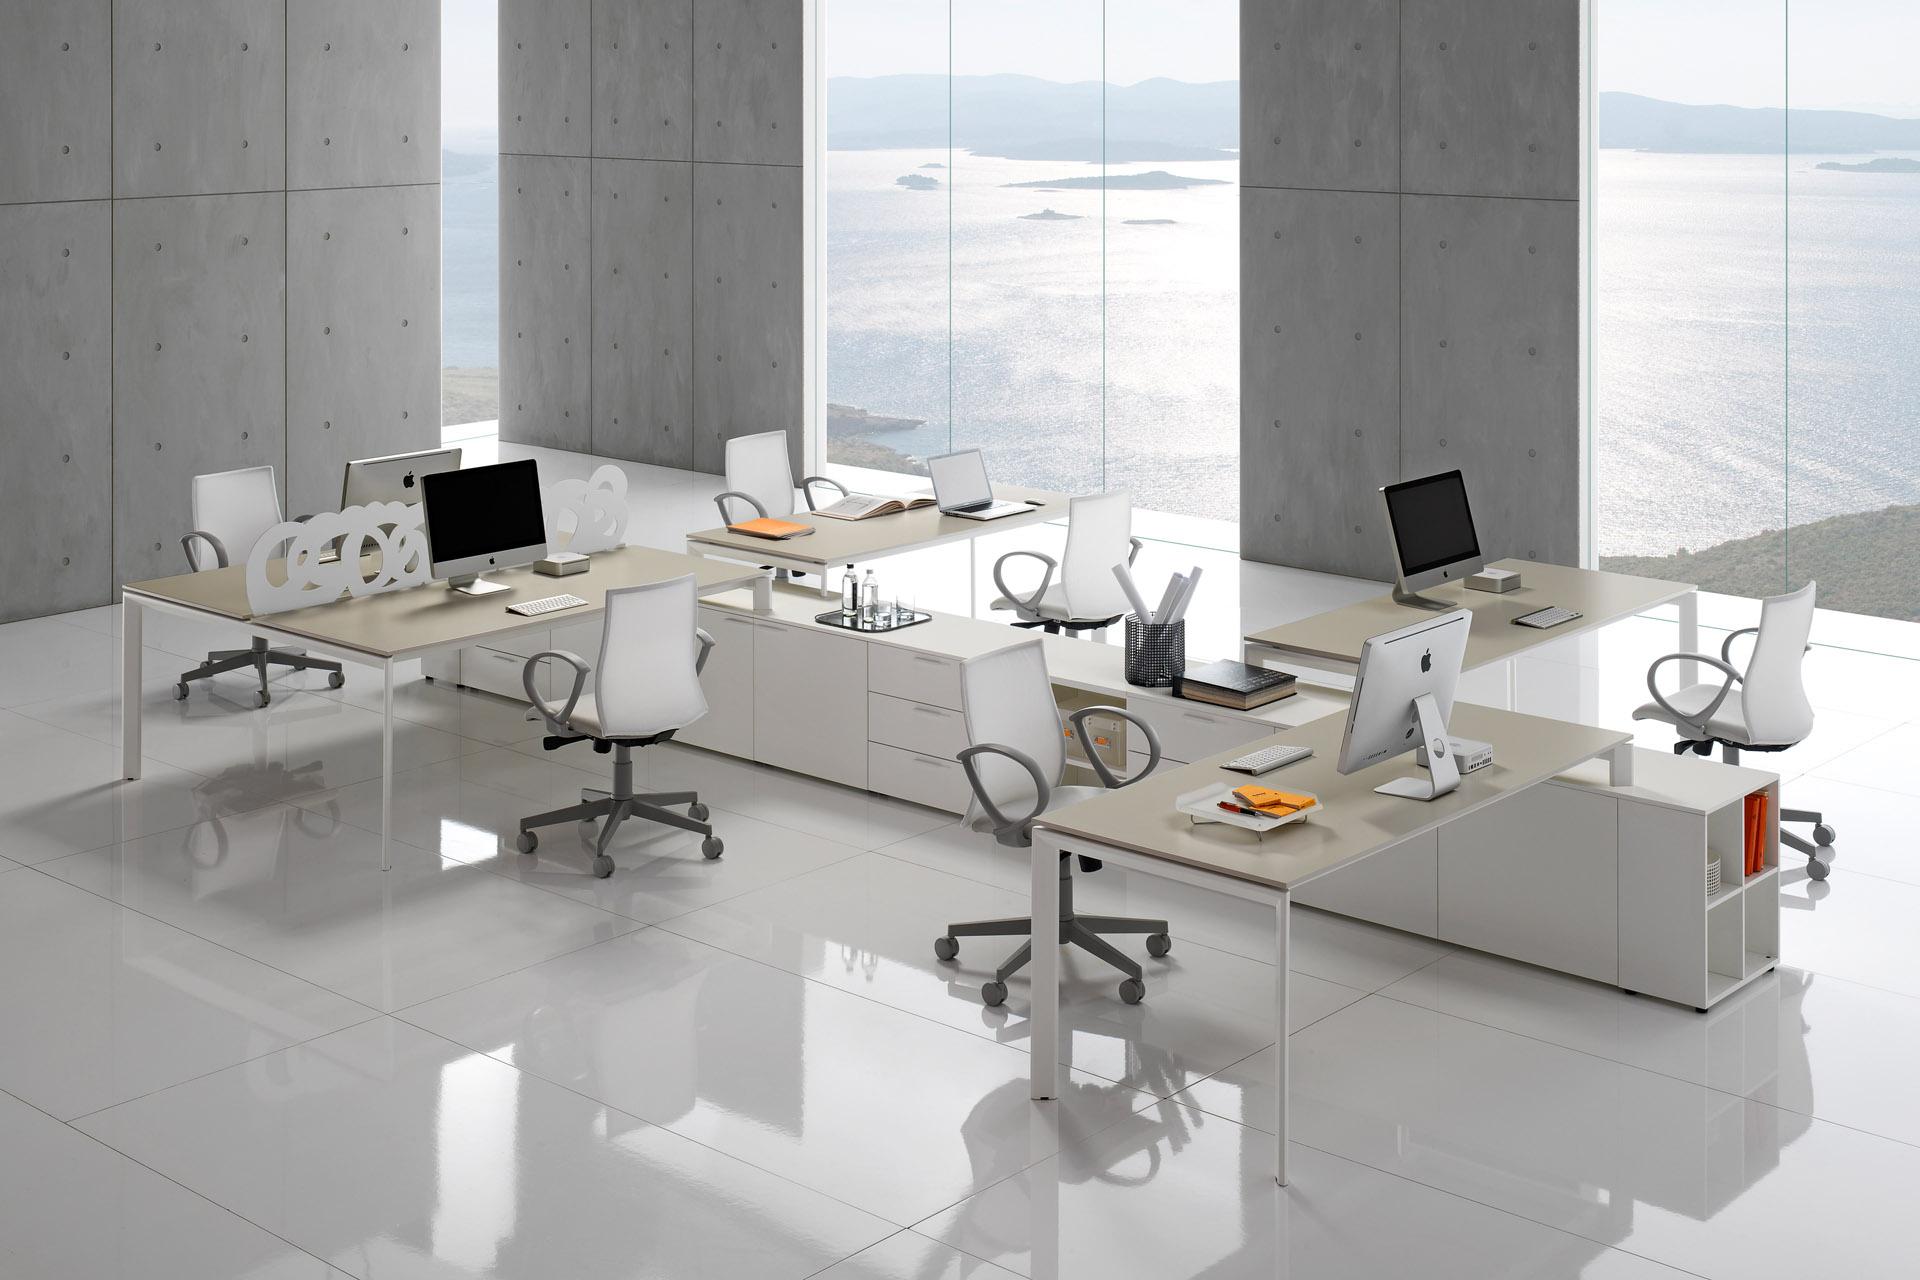 oficina-minimalista7.jpg